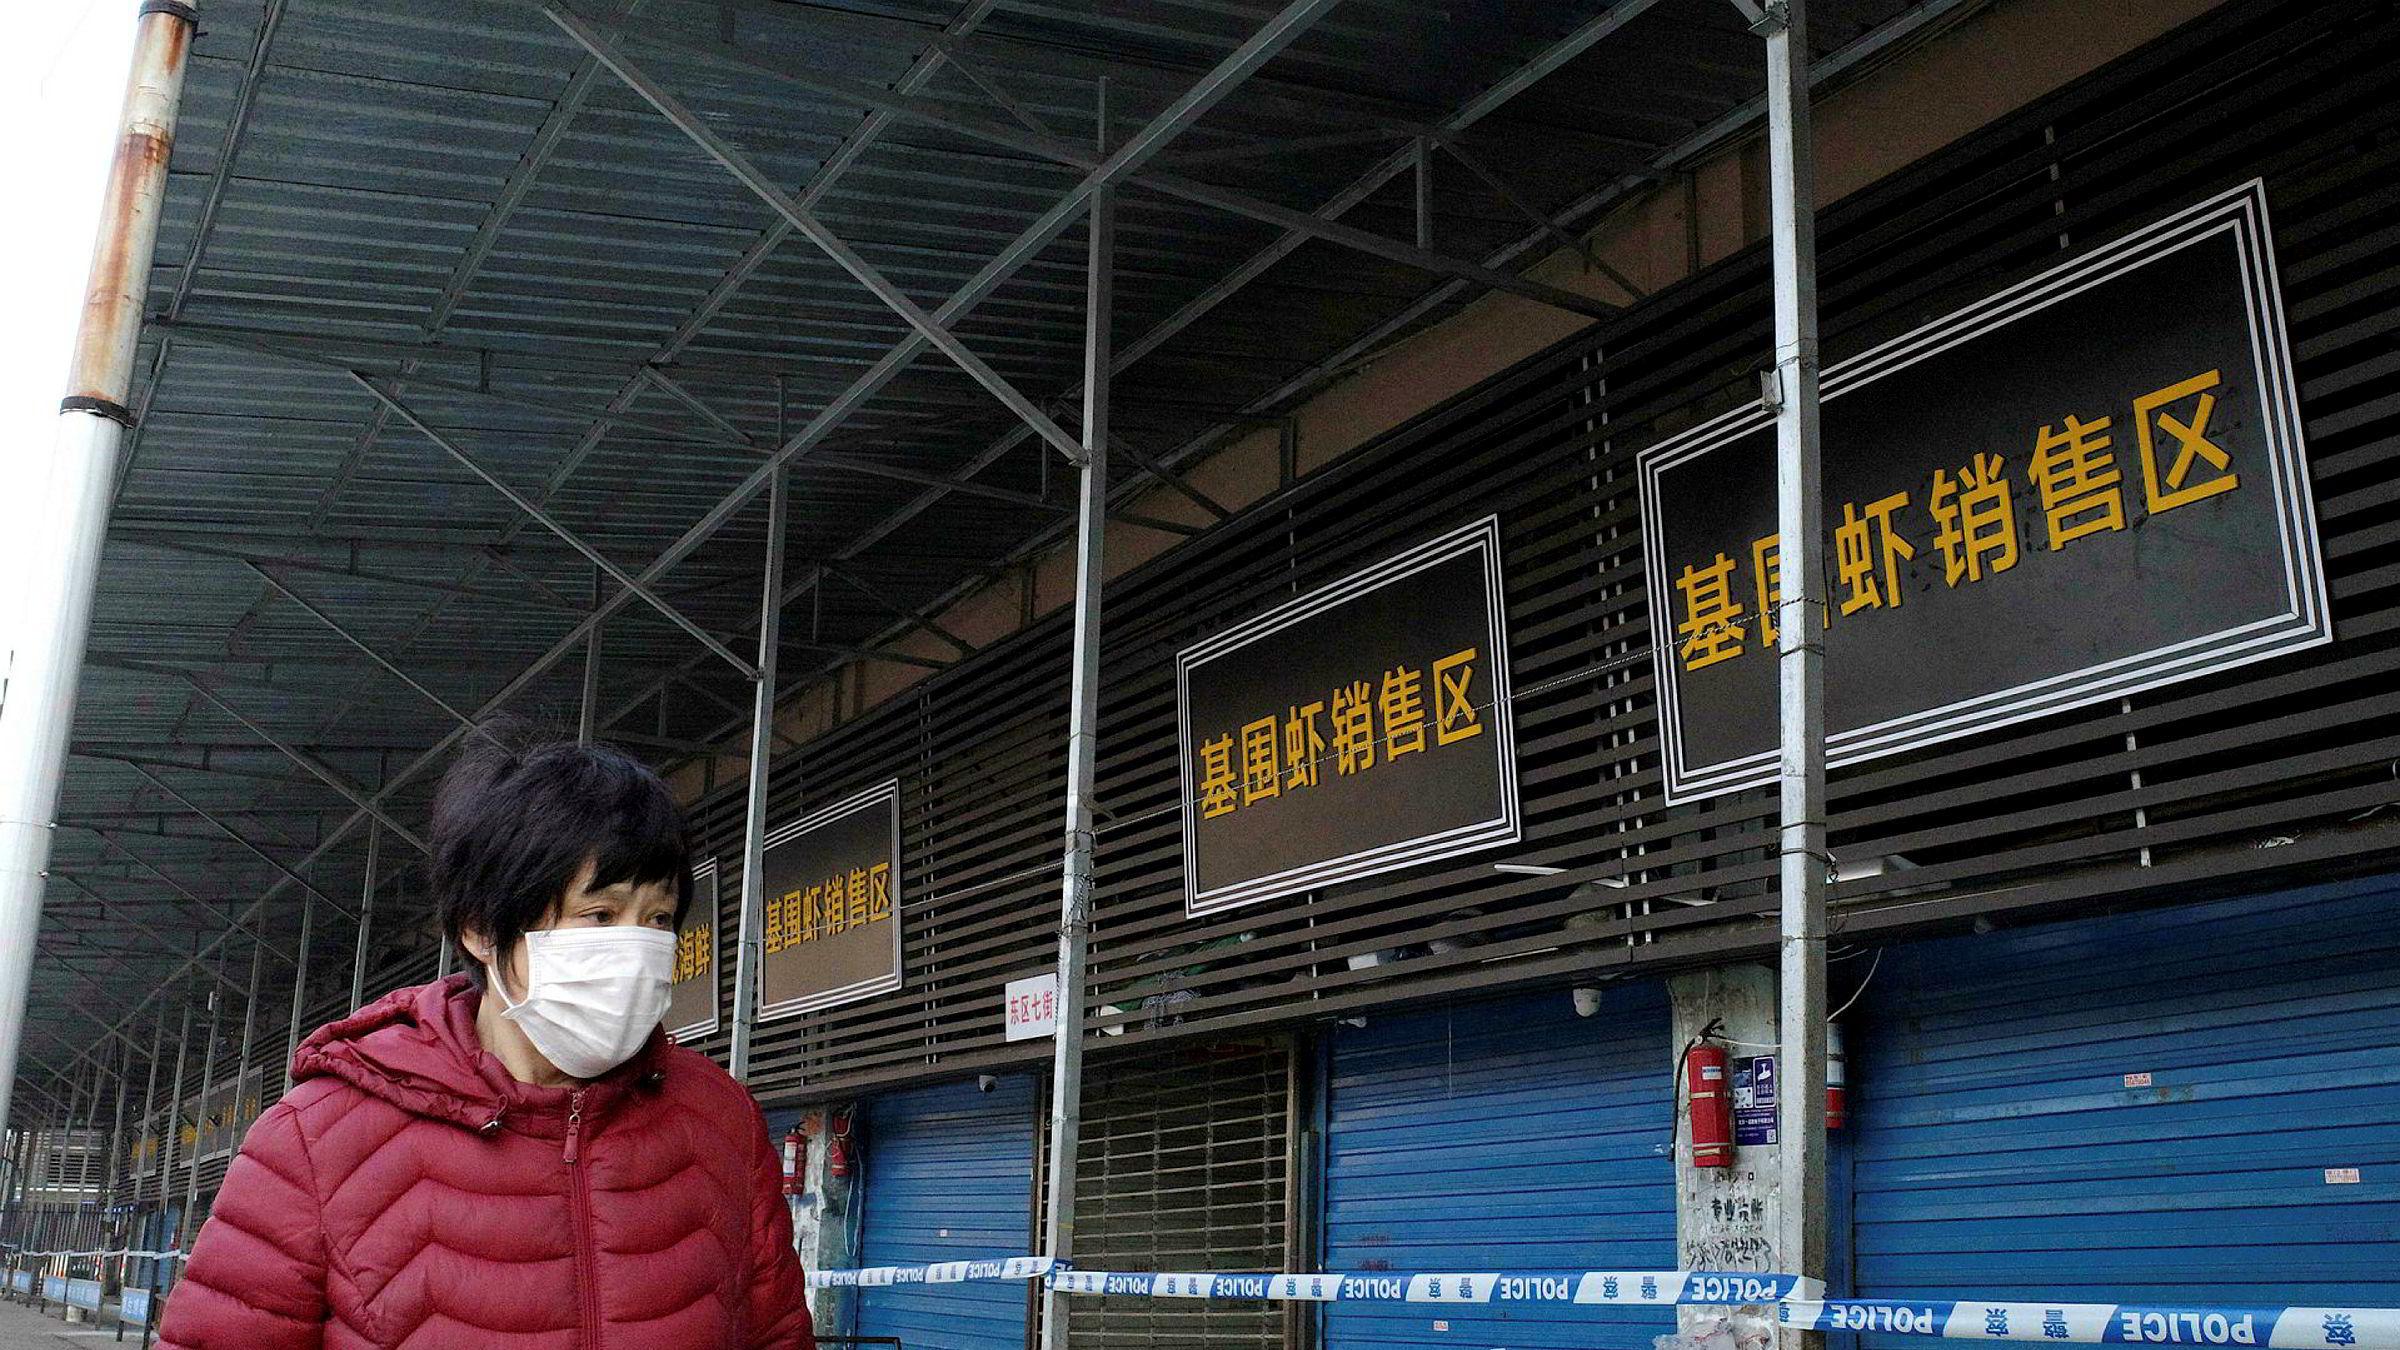 Myndigheter i den kinesiske byen Wuhan bekrefter at en mann døde onsdag av et sars-lignende virus. Byen er episenteret for utbruddet av coronaviruset. Nesten 800 mennesker døde under sars-epidemien for 17 år siden.